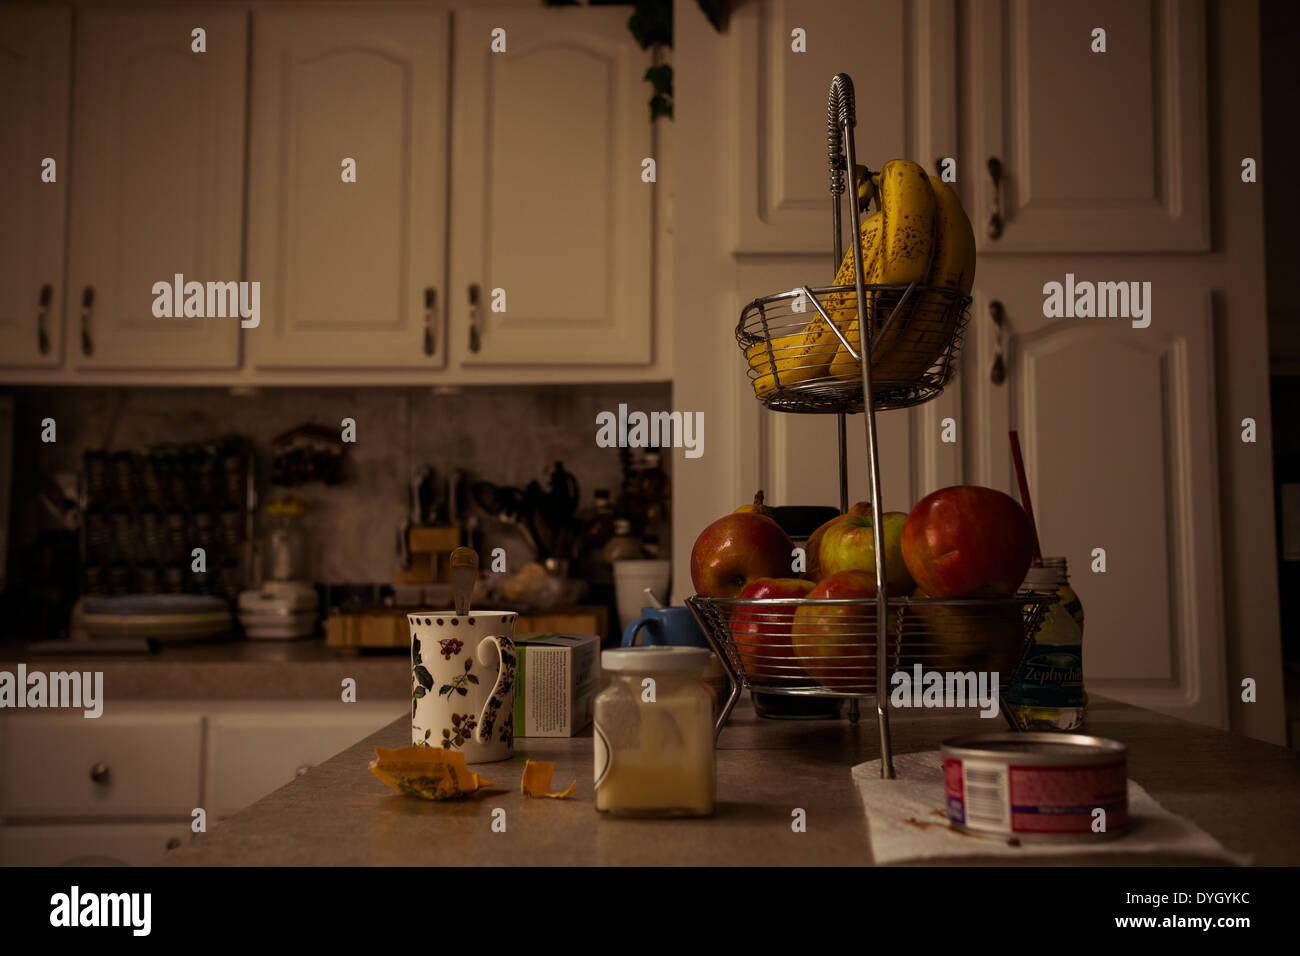 Cat Banana Stockfotos & Cat Banana Bilder - Alamy